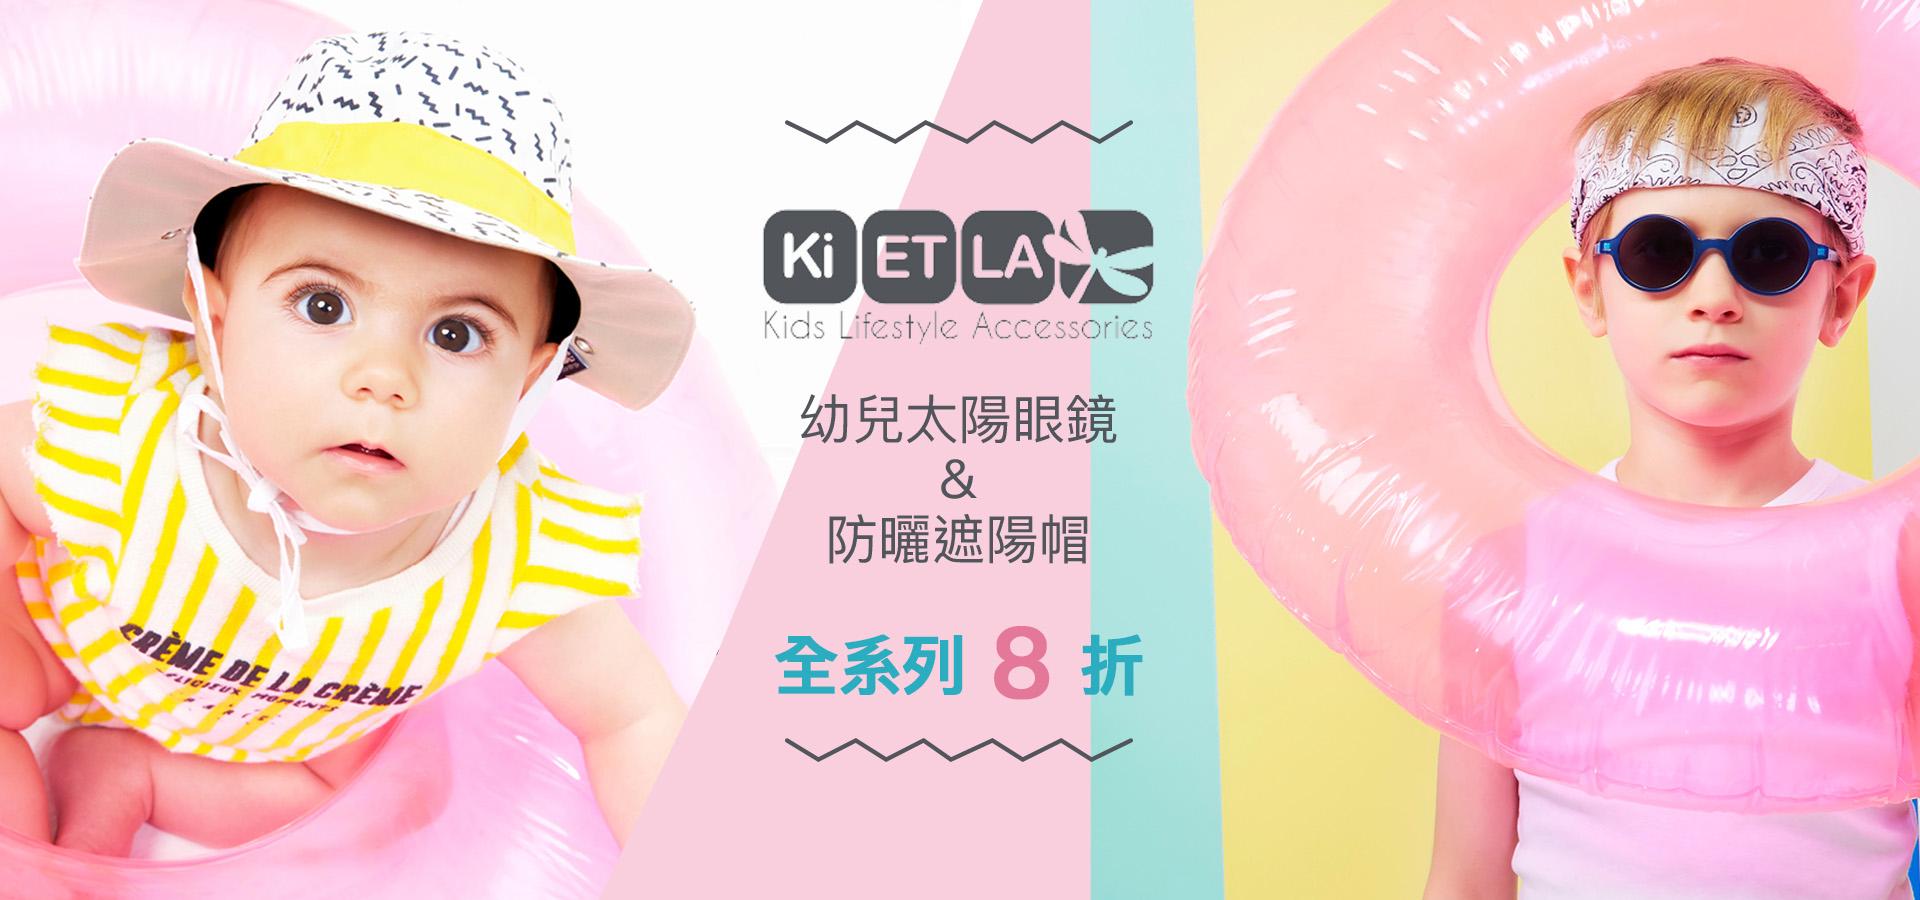 Ki ET LA 法國幼兒太陽眼鏡&防曬遮陽帽 • 全系列8折